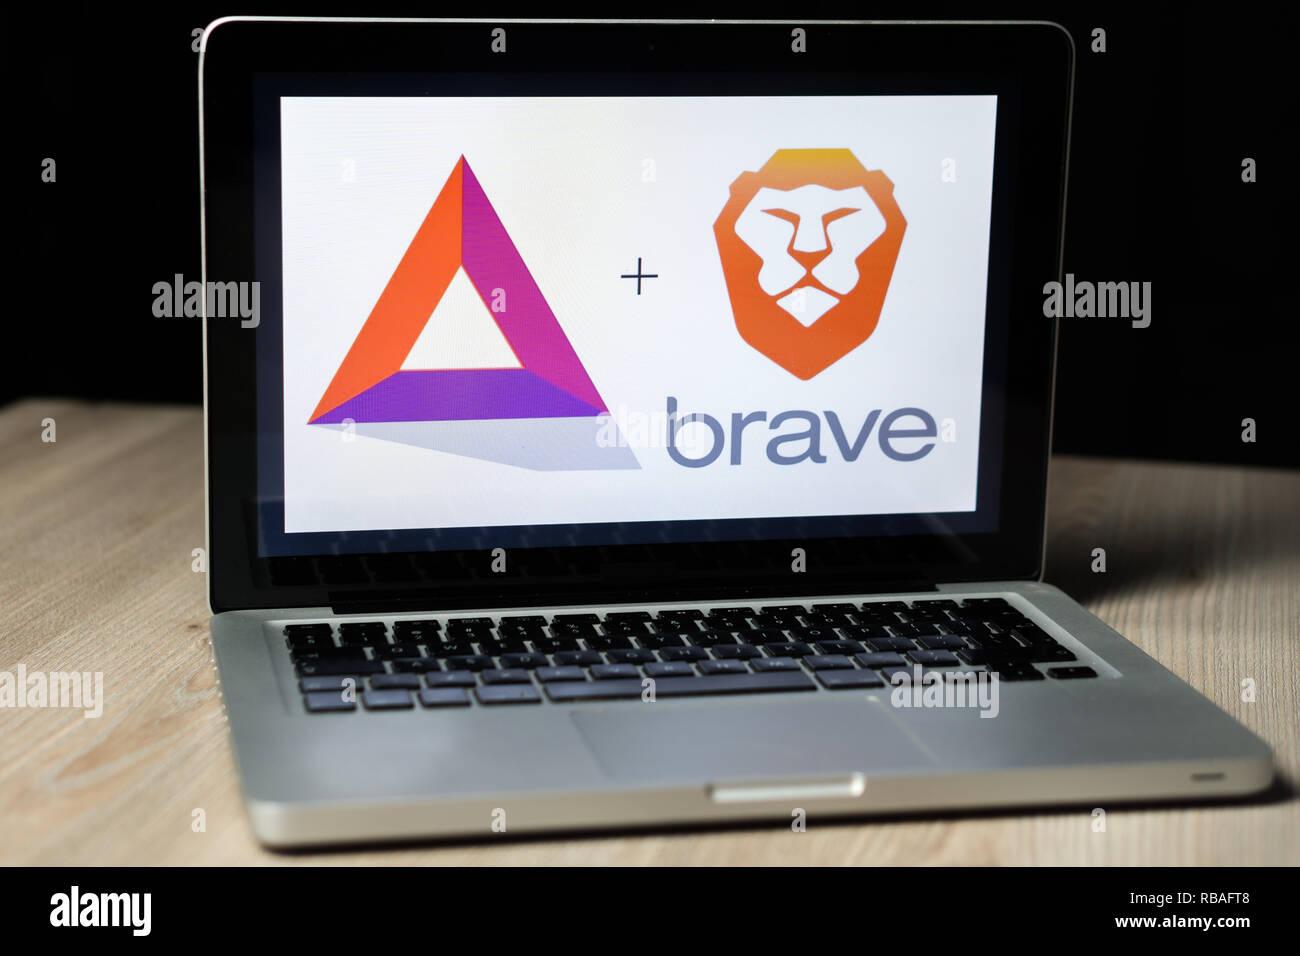 BAT cryptocurrency und Tapferen browser Logo auf einem Laptop Bildschirm, Slowenien - Dezember 23th, 2018 Stockbild